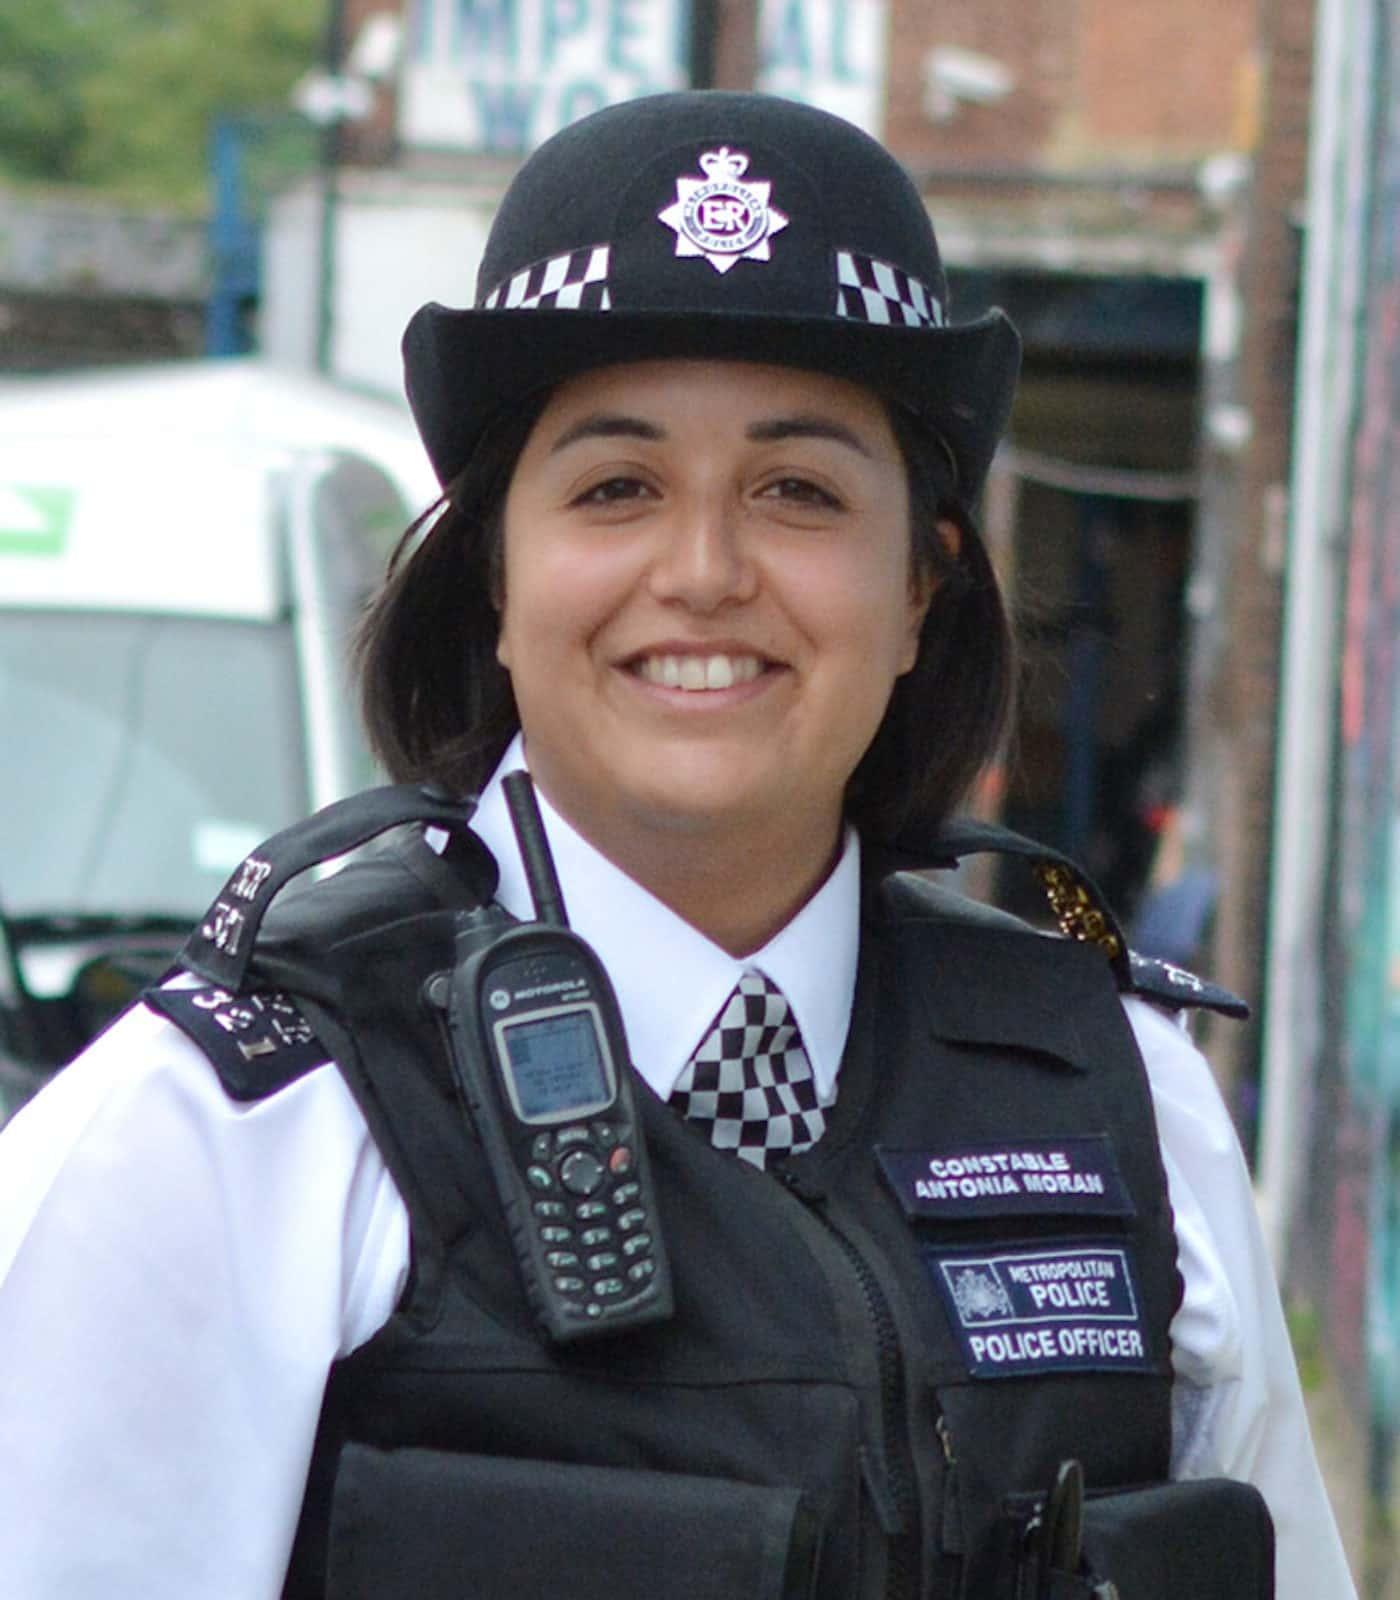 Antonia Moran - Police Officer